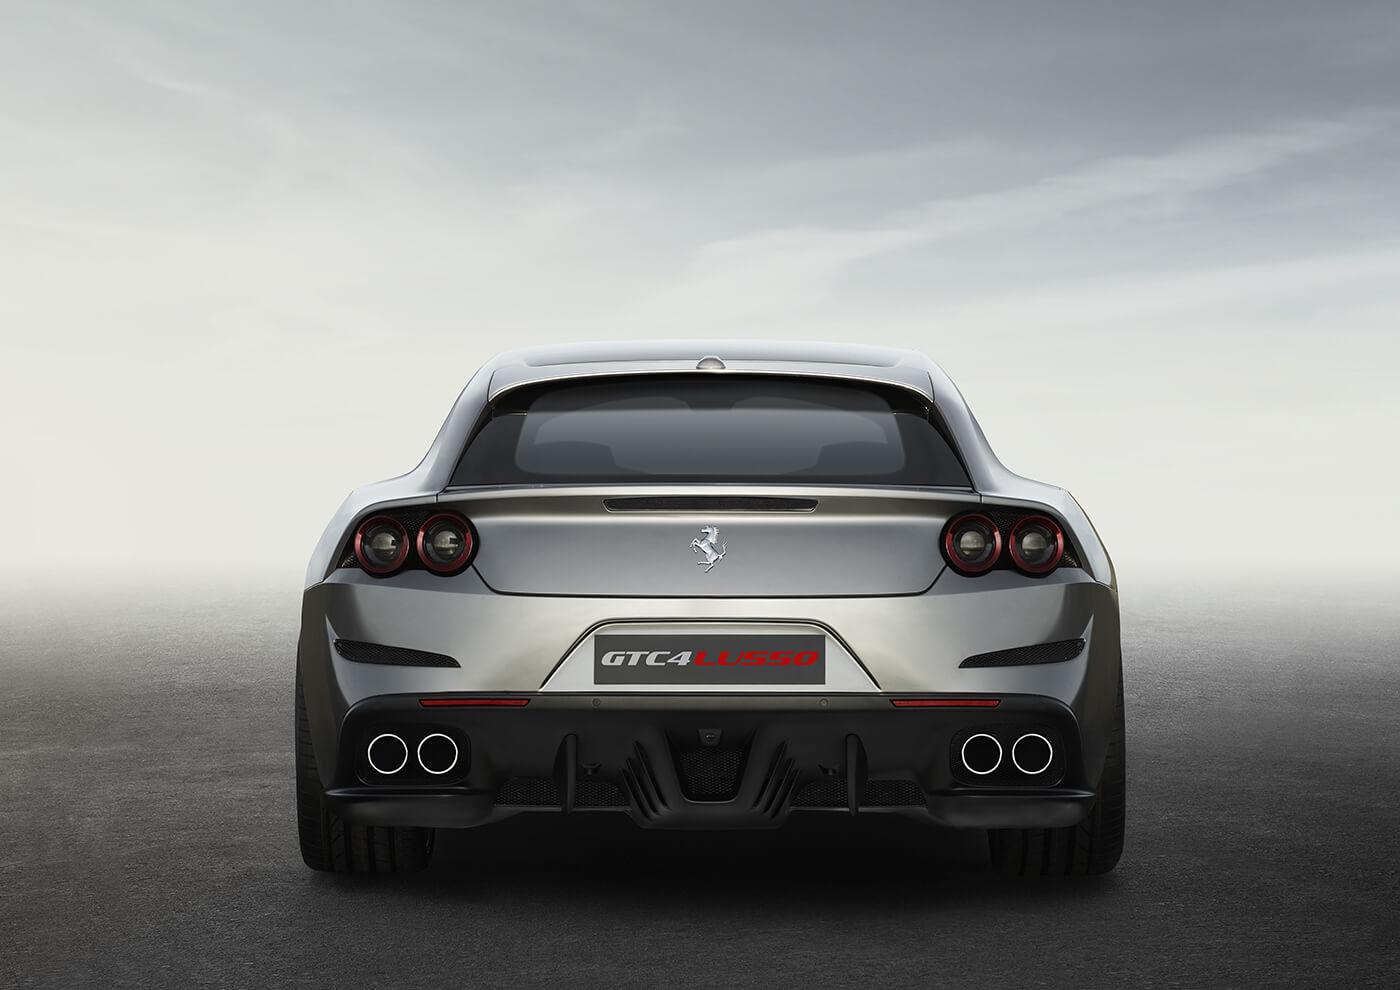 Ferrari GTC4Lusso - Hartvoorautos.nl